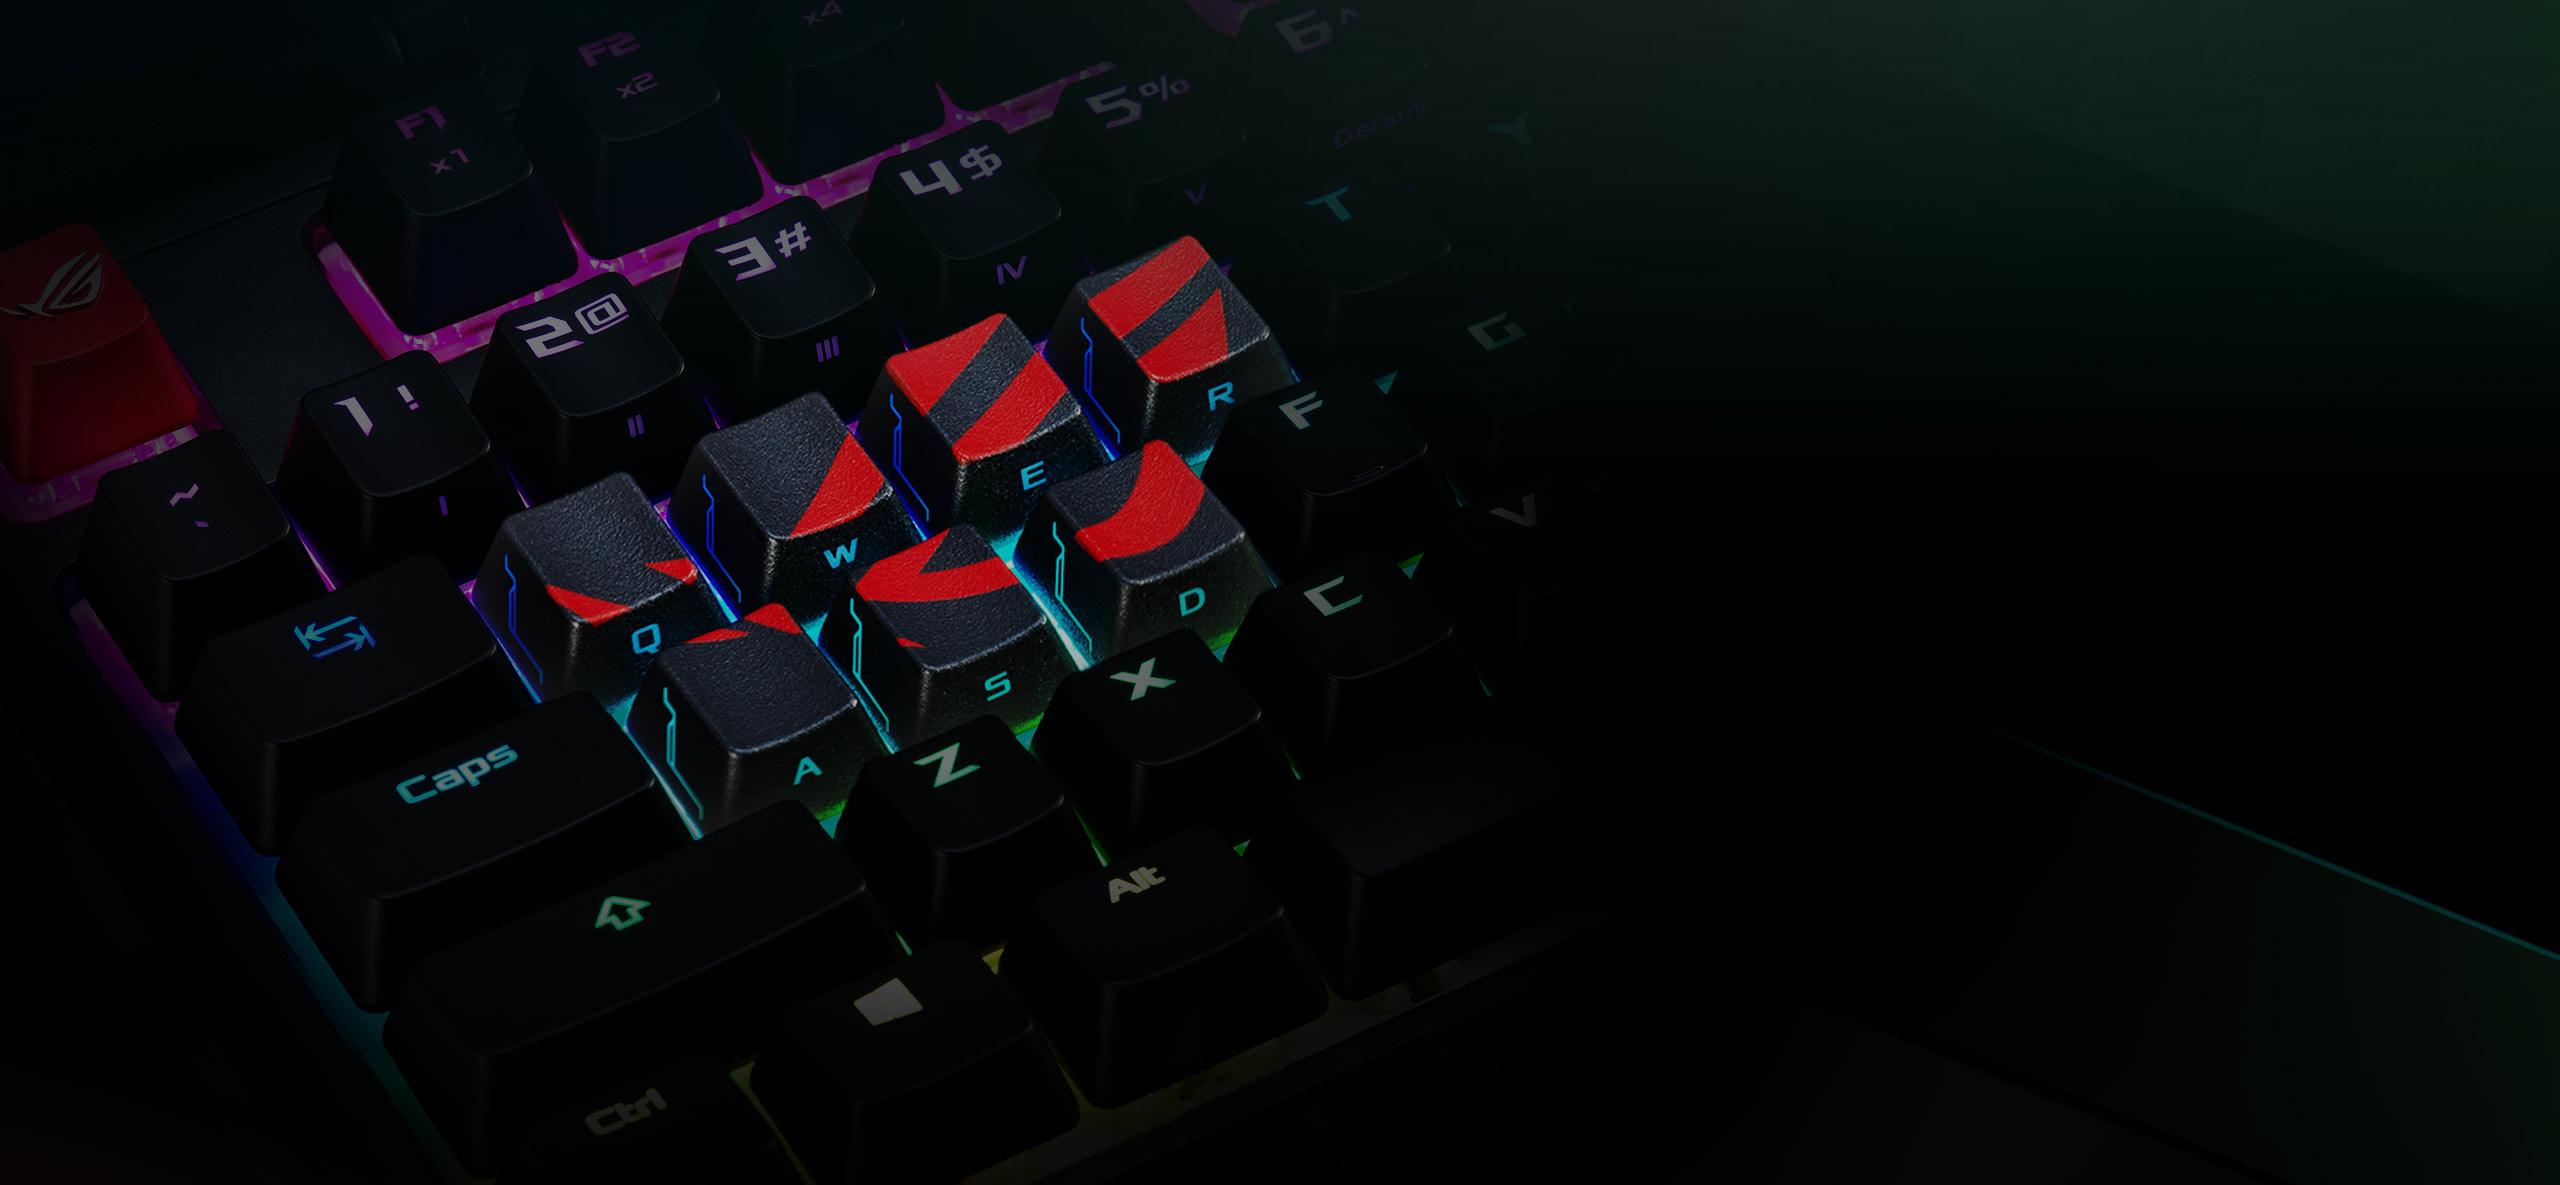 ASUS ORIGINAL ROG Gaming Keycap Set